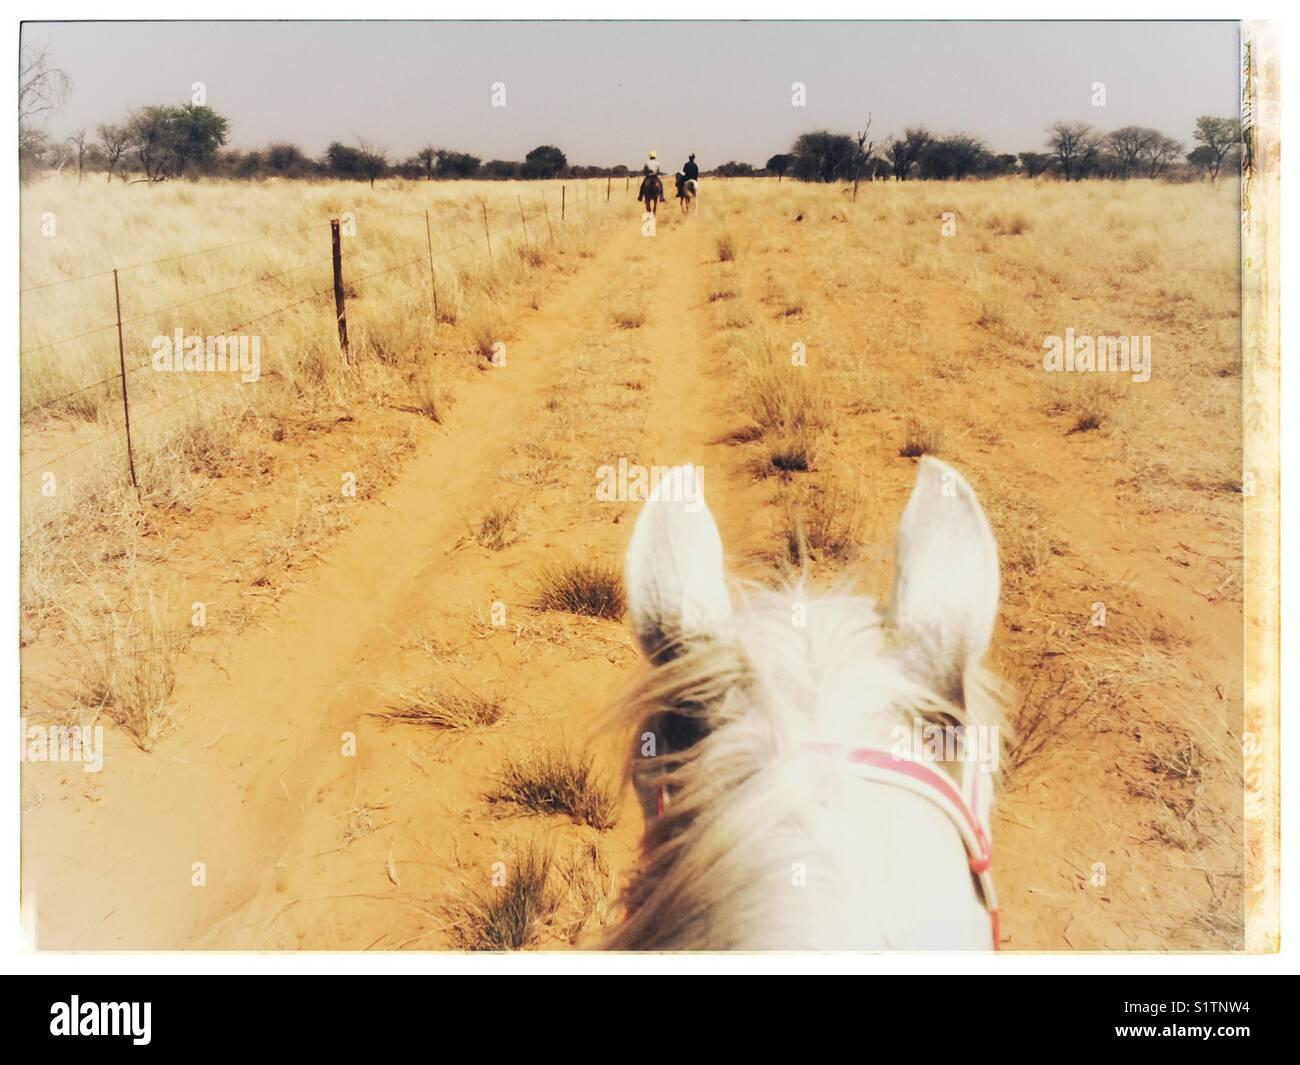 Une vue de l'avenant au cours de l'équitation dans la région du Kalahari d'Afrique du Sud. Photo Stock